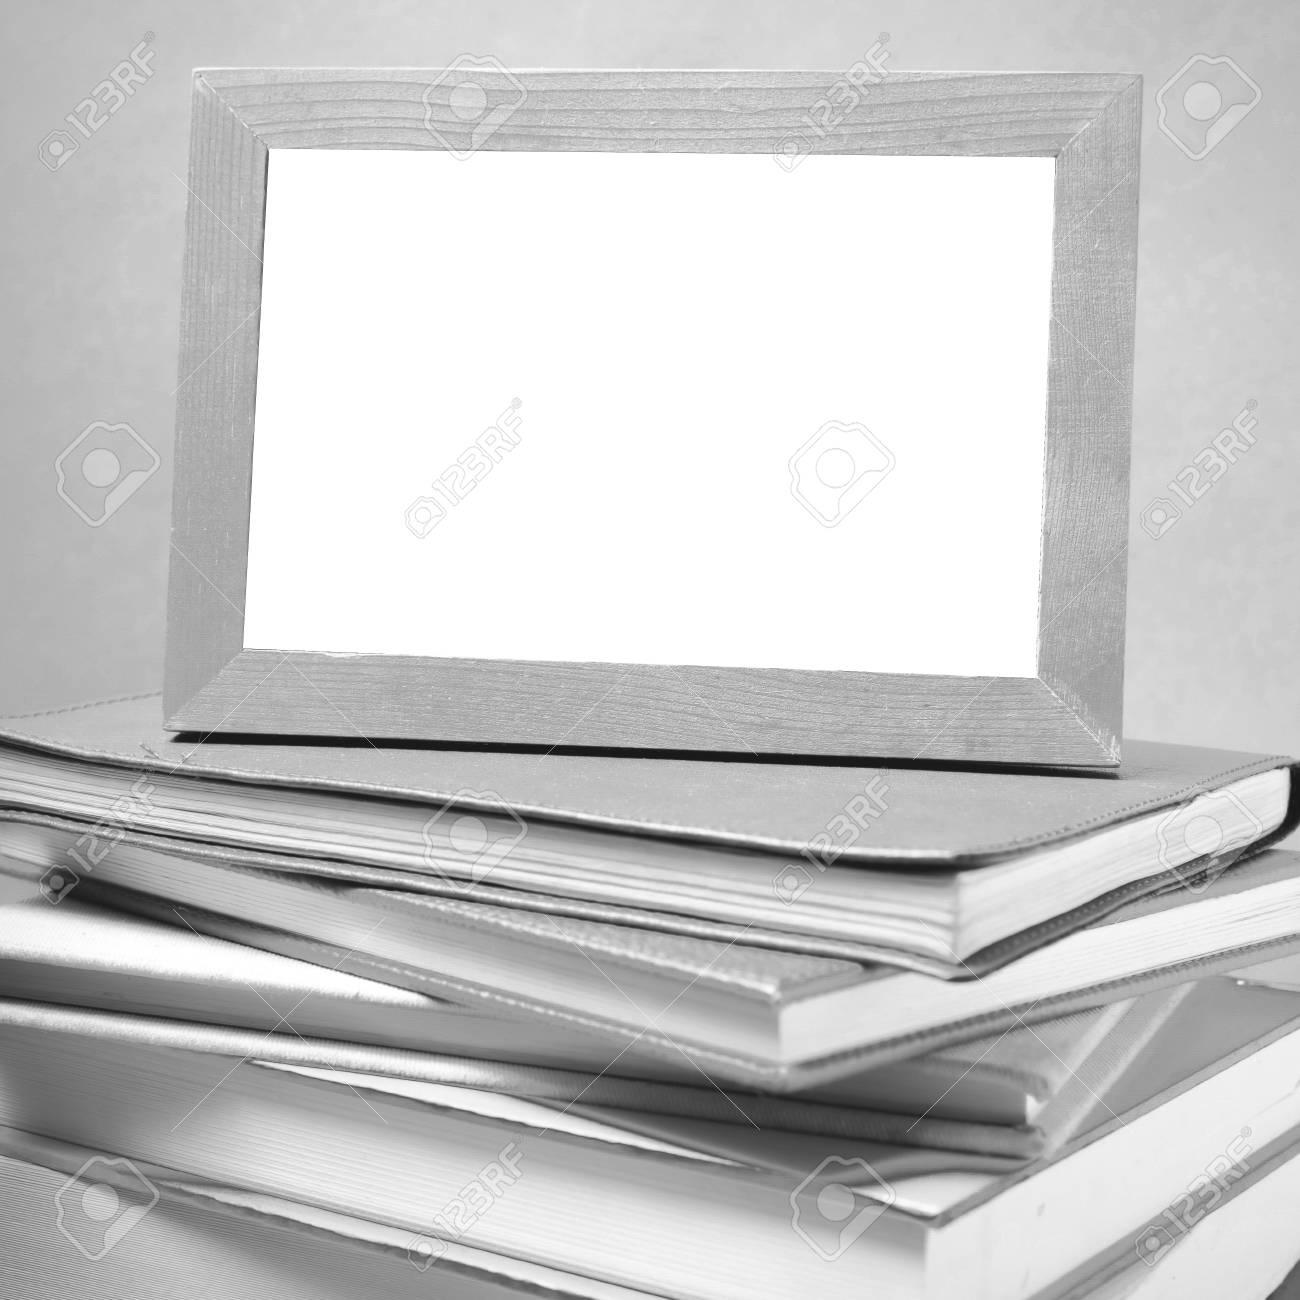 Stapel Von Büchern Und Fotorahmen Auf Holz Hintergrund Schwarz-Weiß ...